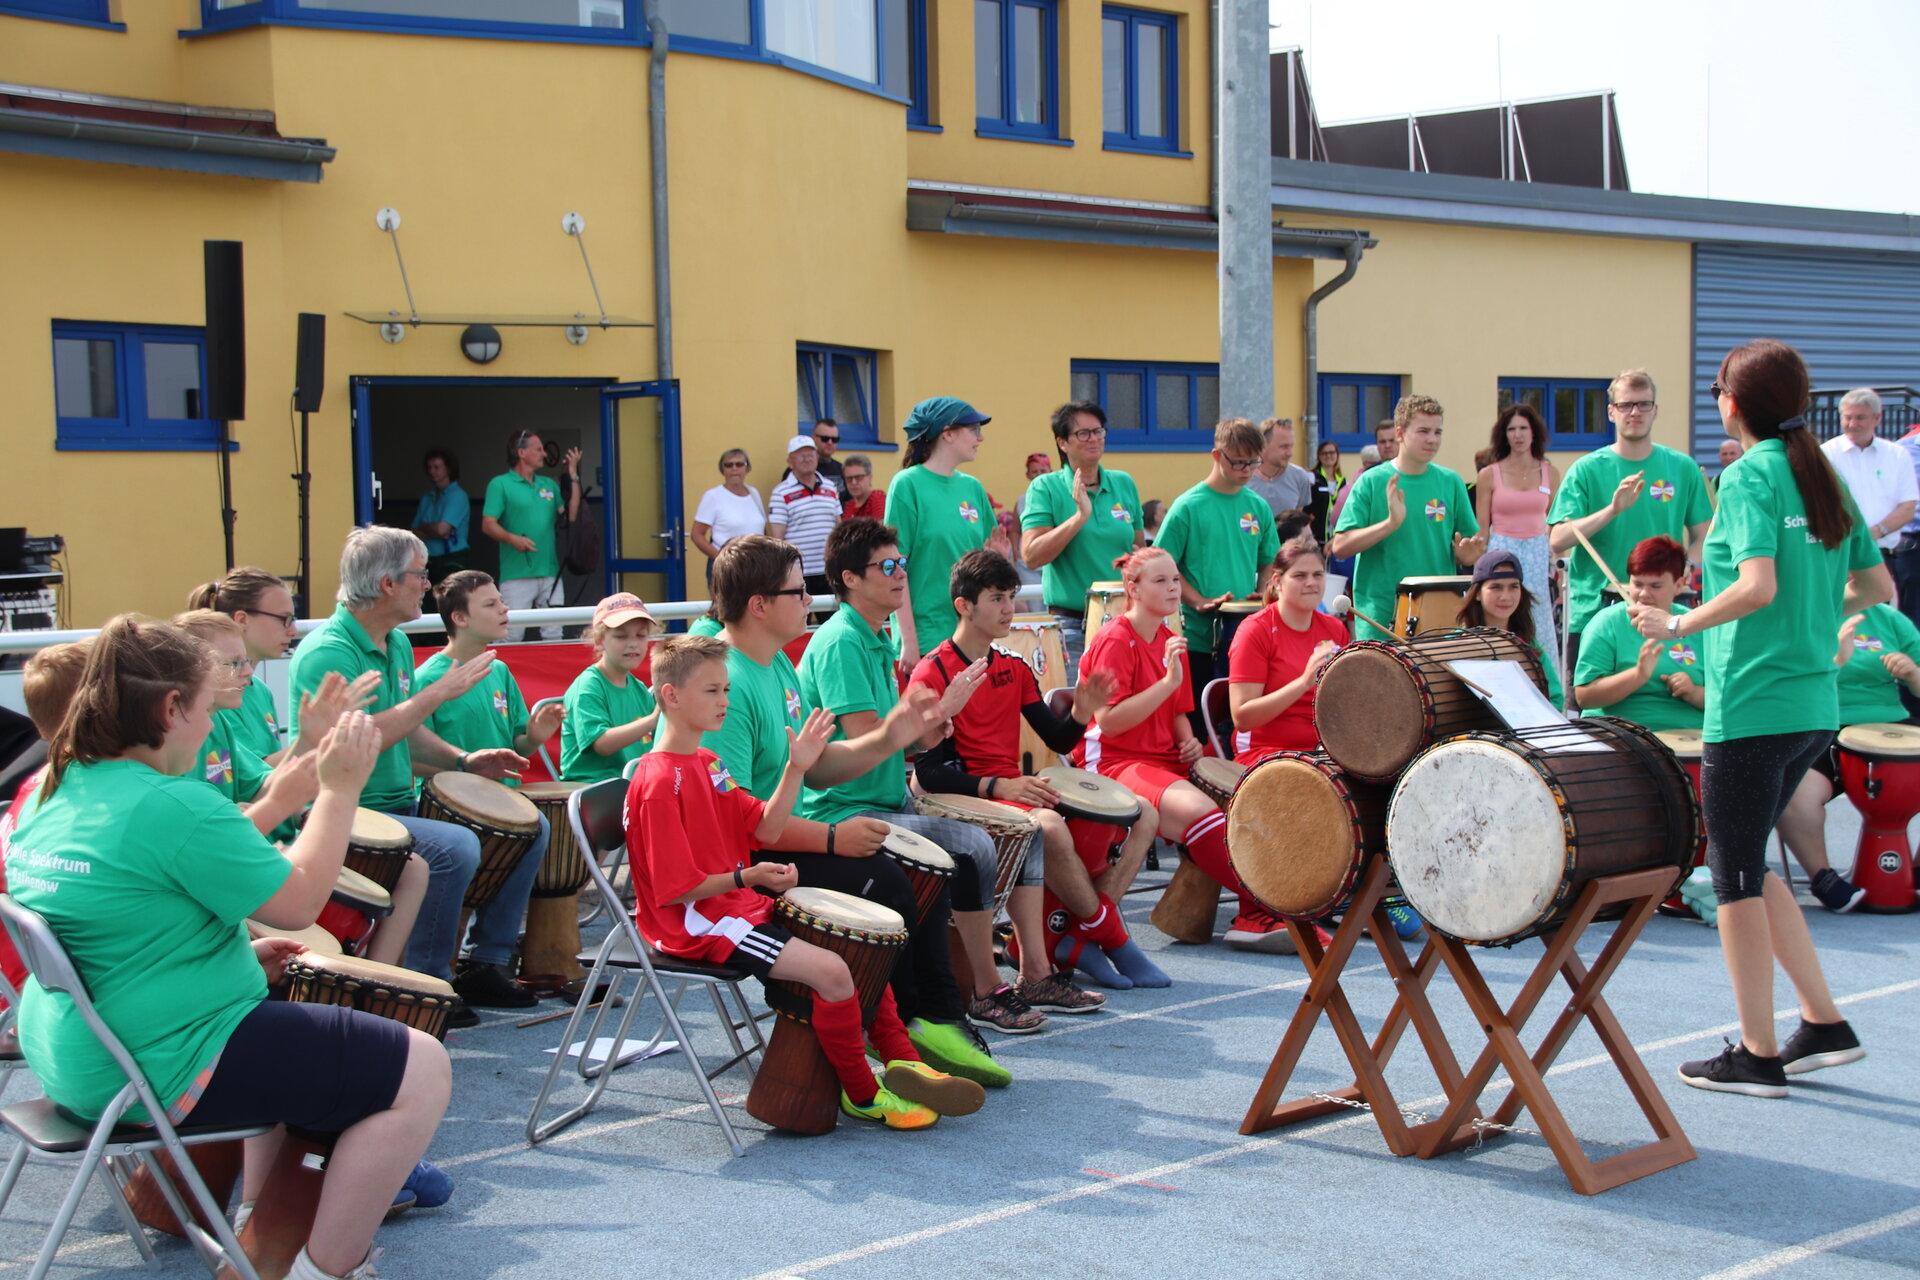 Das Bild zeigt eine Trommelgruppe am Sport- und Spielfest für alle im Jahr 2019.